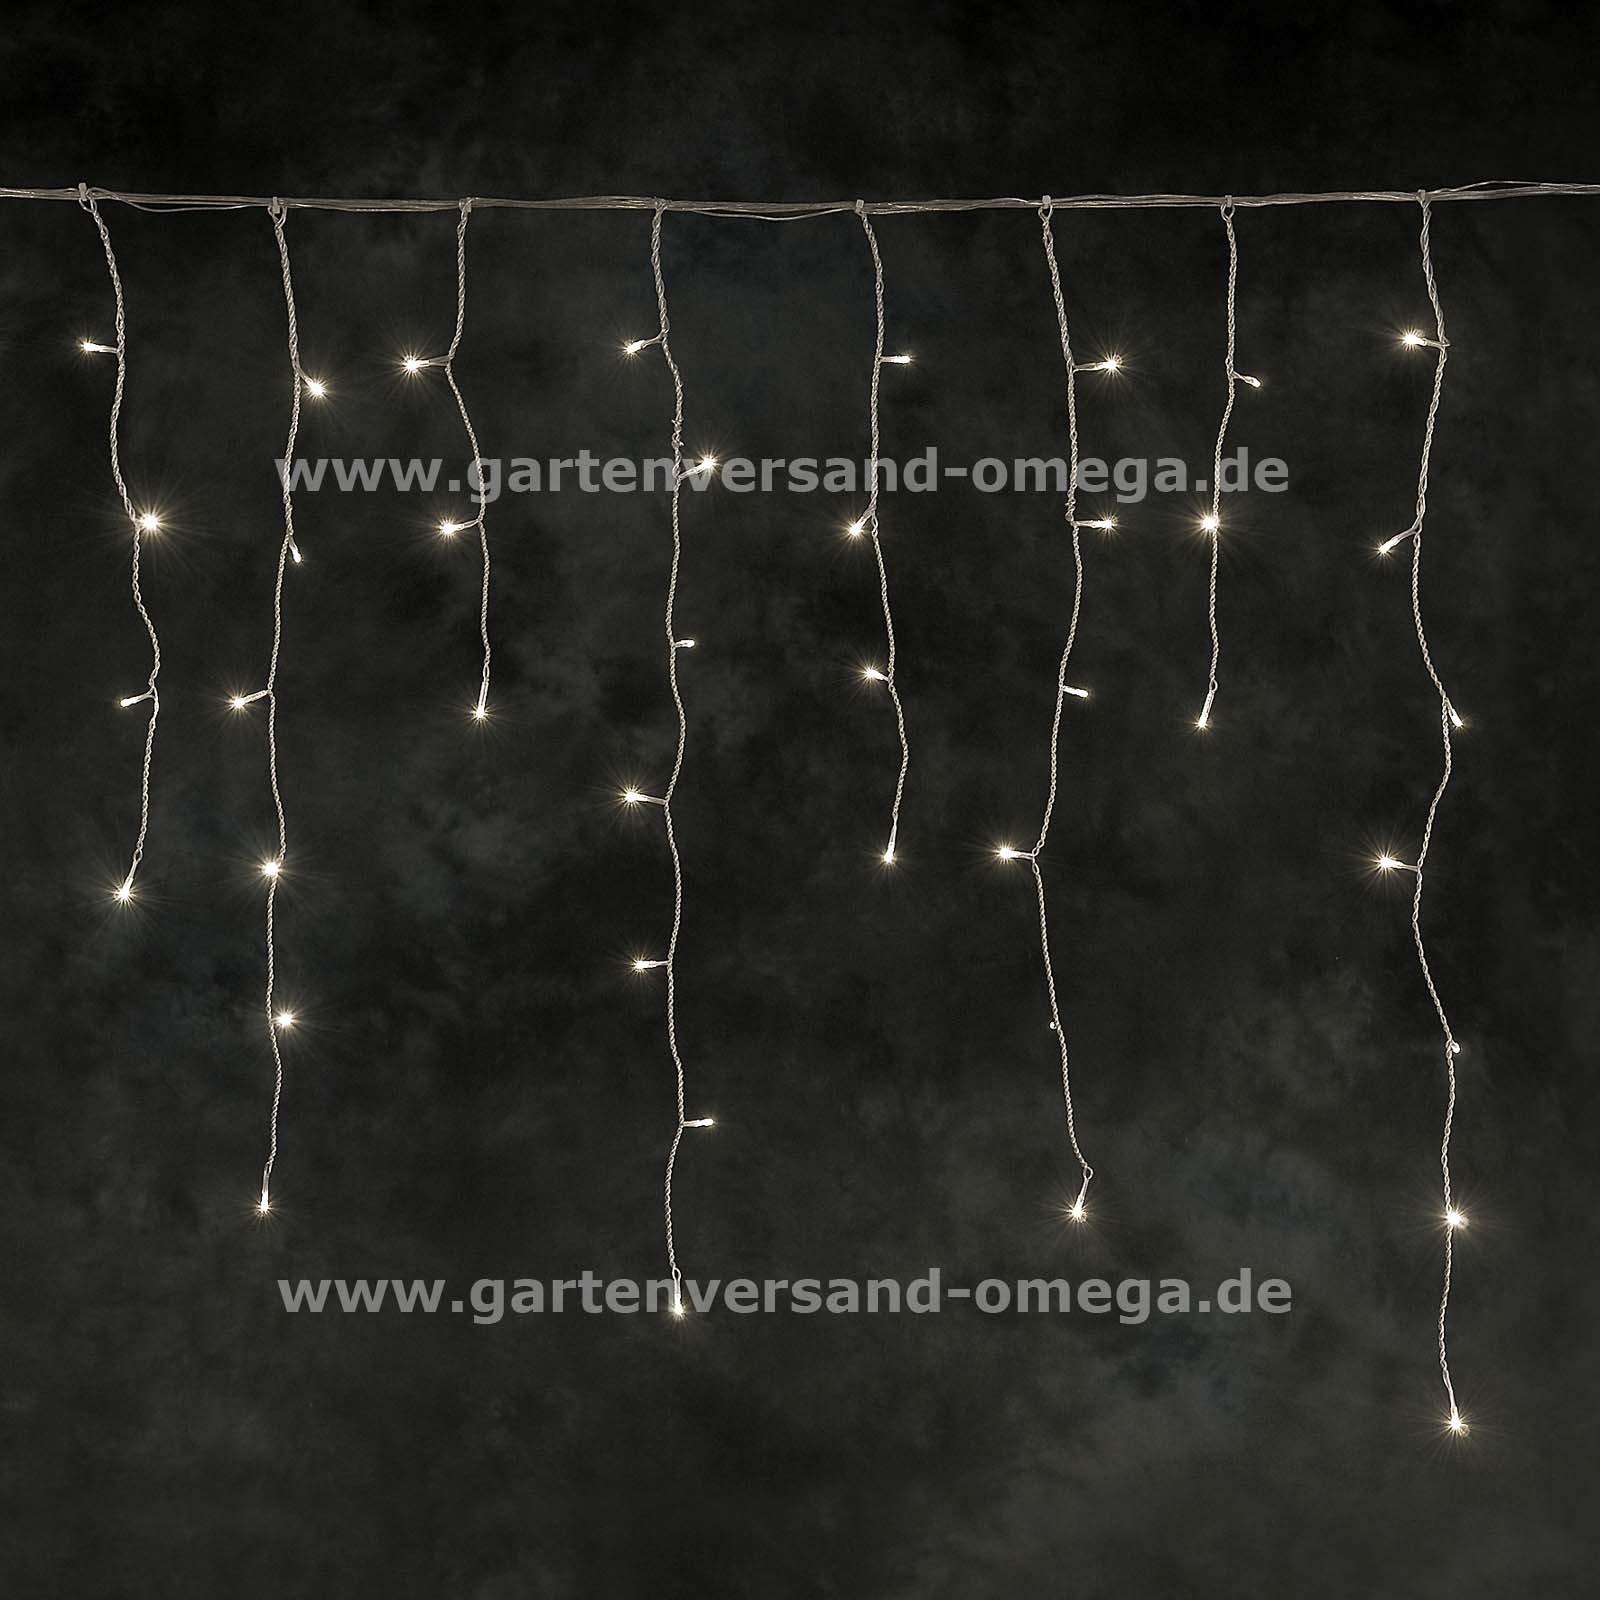 2605634-led-lichtsystem-erweiterung-eisregen-lichterkettehd-large Verwunderlich Led Eisregen Lichterkette Warmweiß Dekorationen